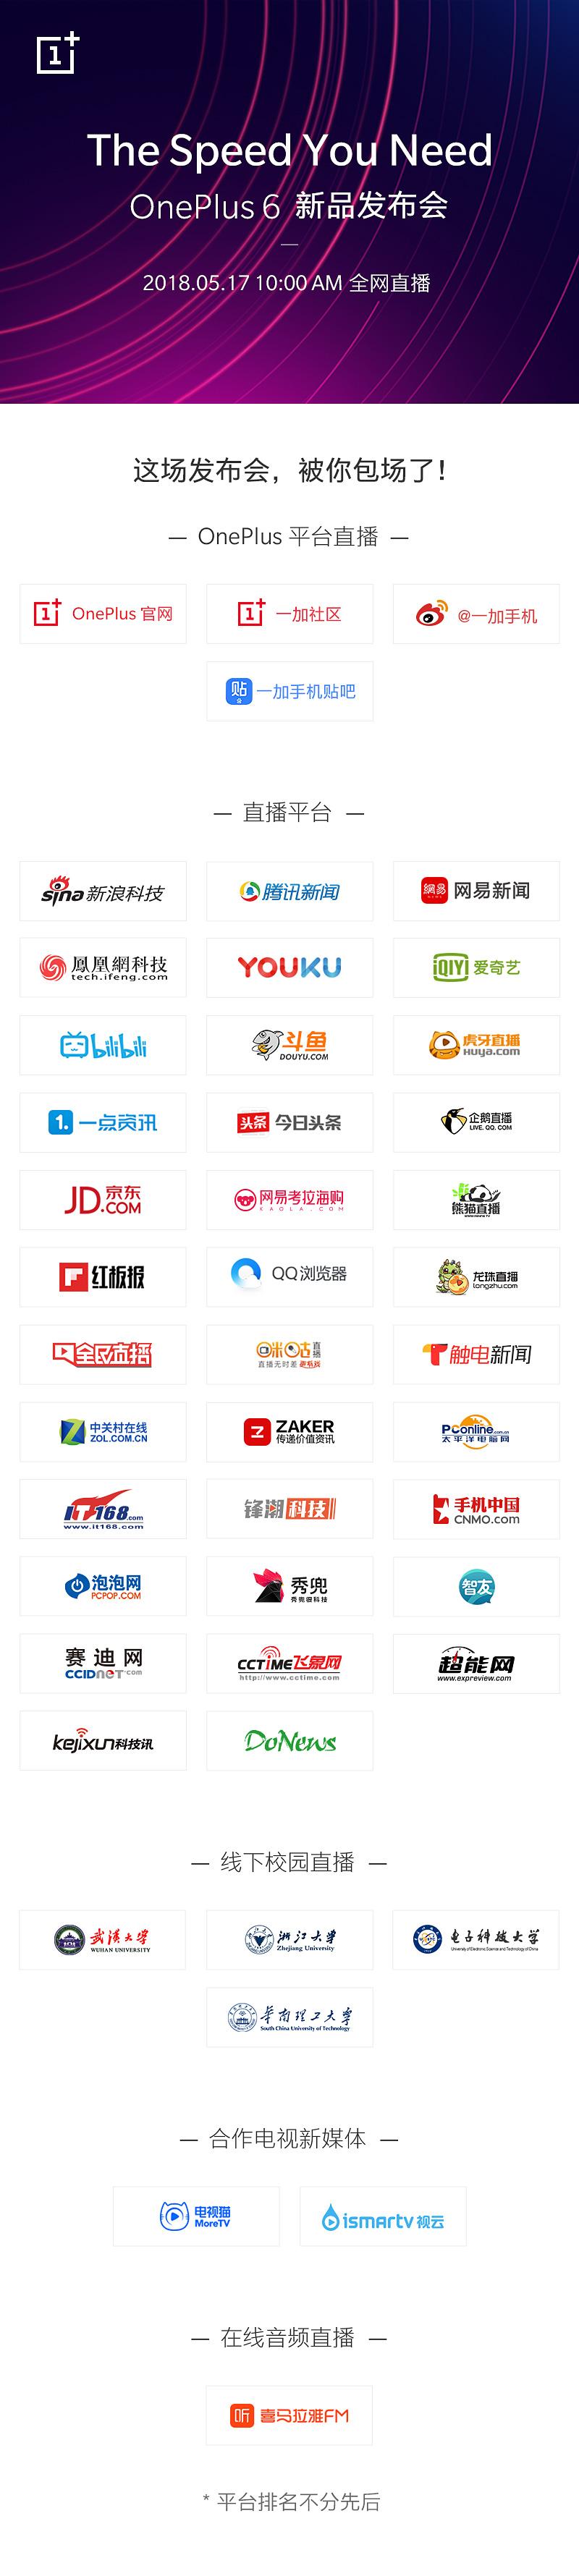 发布会直播平台-微博海报-880(05-15-22-48-02).jpg